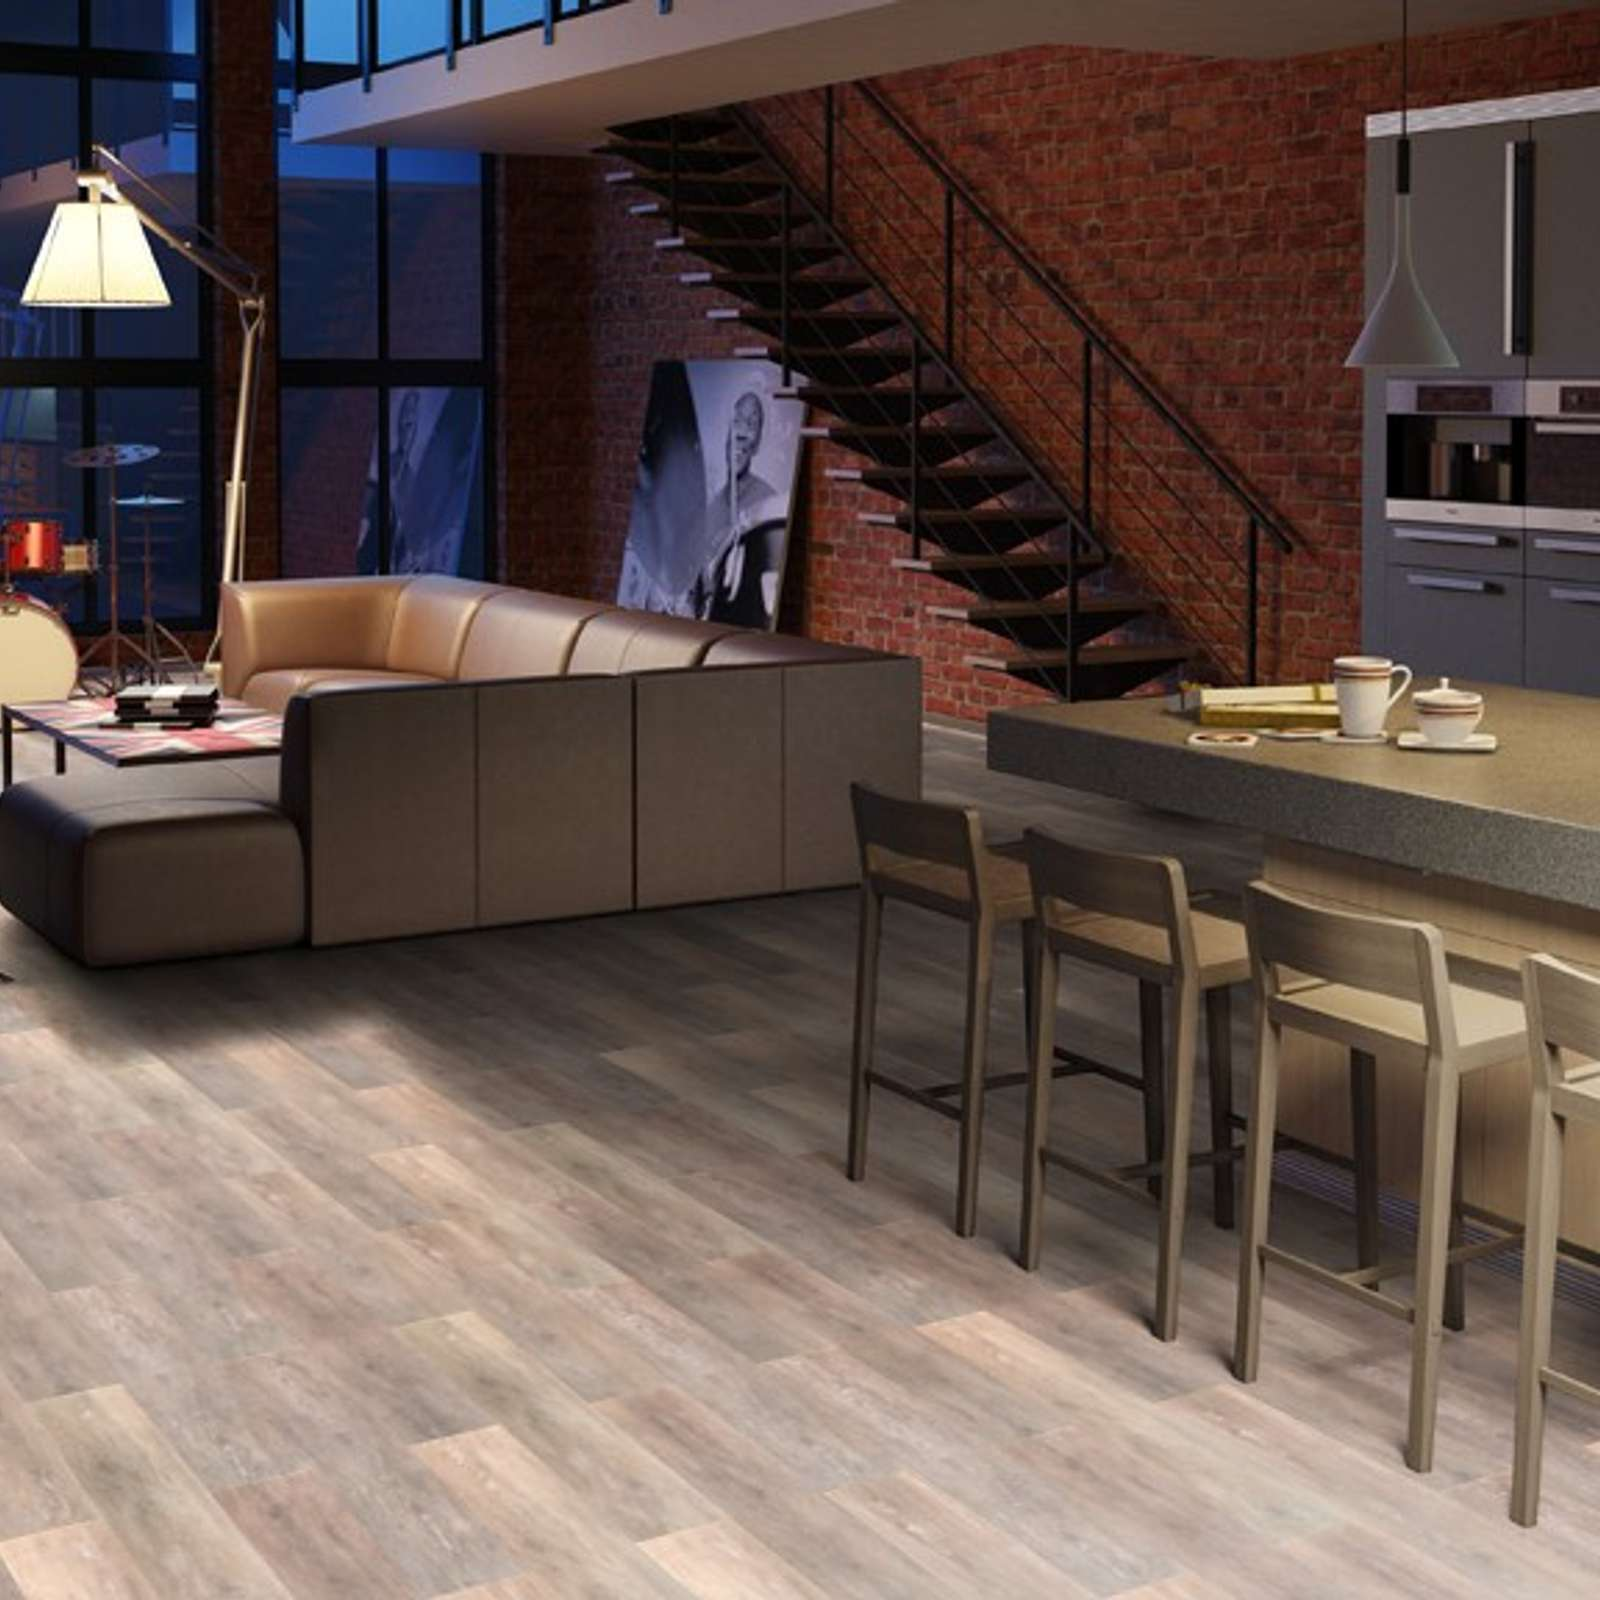 Плитка ПВХ Tarkett Art Vinil New Age Ambient 101,6х914,4x2,1мм (2,41м2/26шт/уп) 277006013